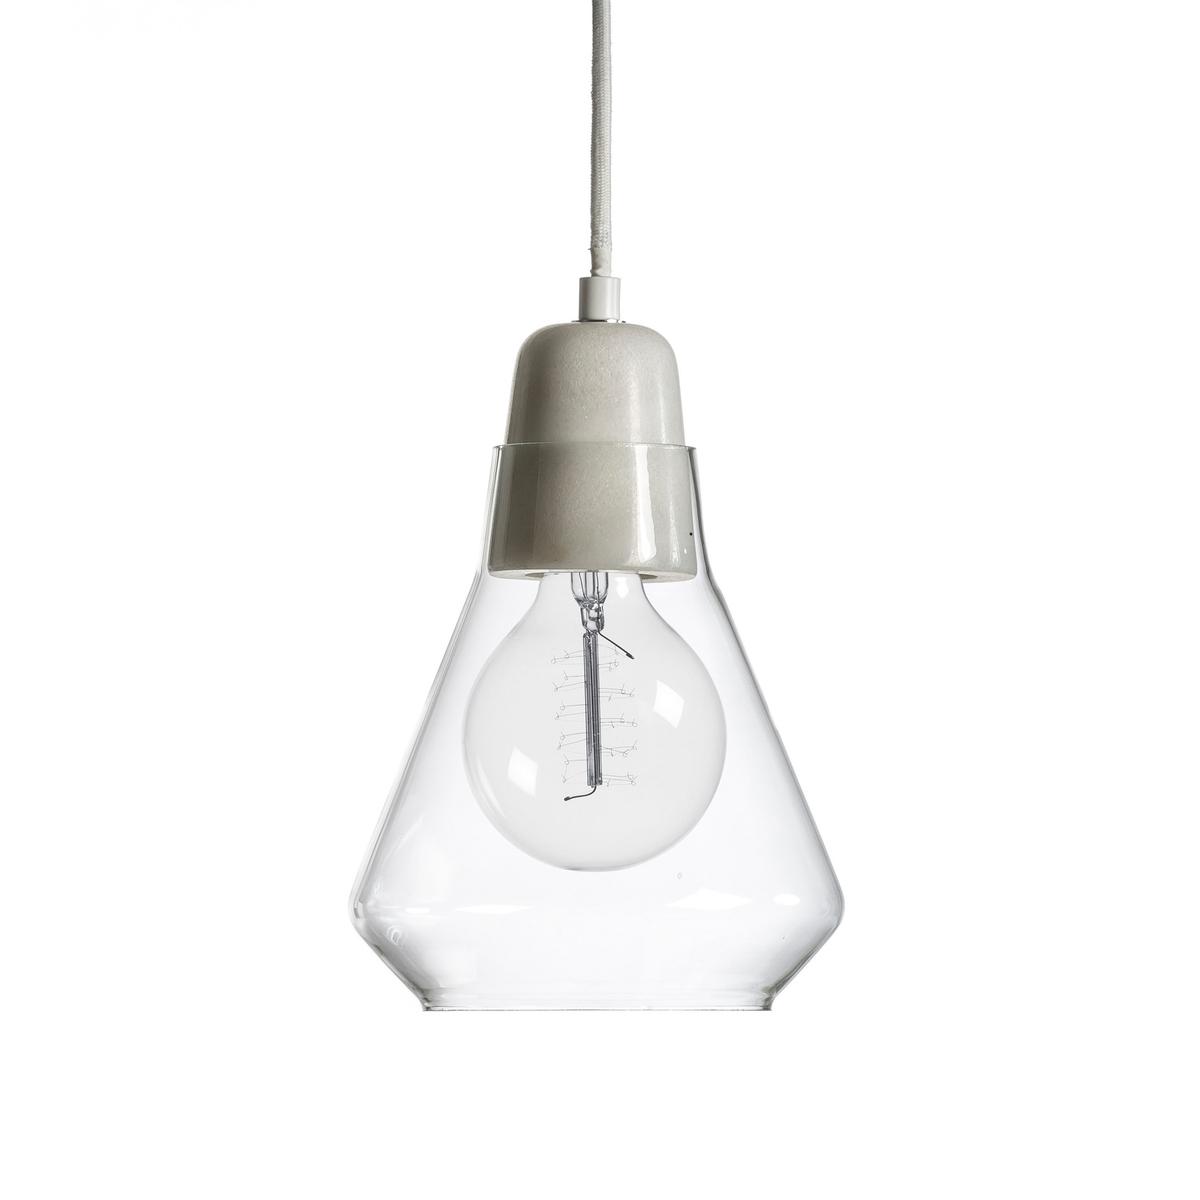 Светильник из стекла и мрамора AnaxagoreХарактеристики :- Патрон E27 для флюокомпактной лампочки 15W (не входит в комплект)  - Электрический кабель с текстильным покрытием длина 1 м - Совместима с лампочками электрического класса  A. Размеры :Диаметр 18 x высота 20.3 см<br><br>Цвет: белый мрамор,черный